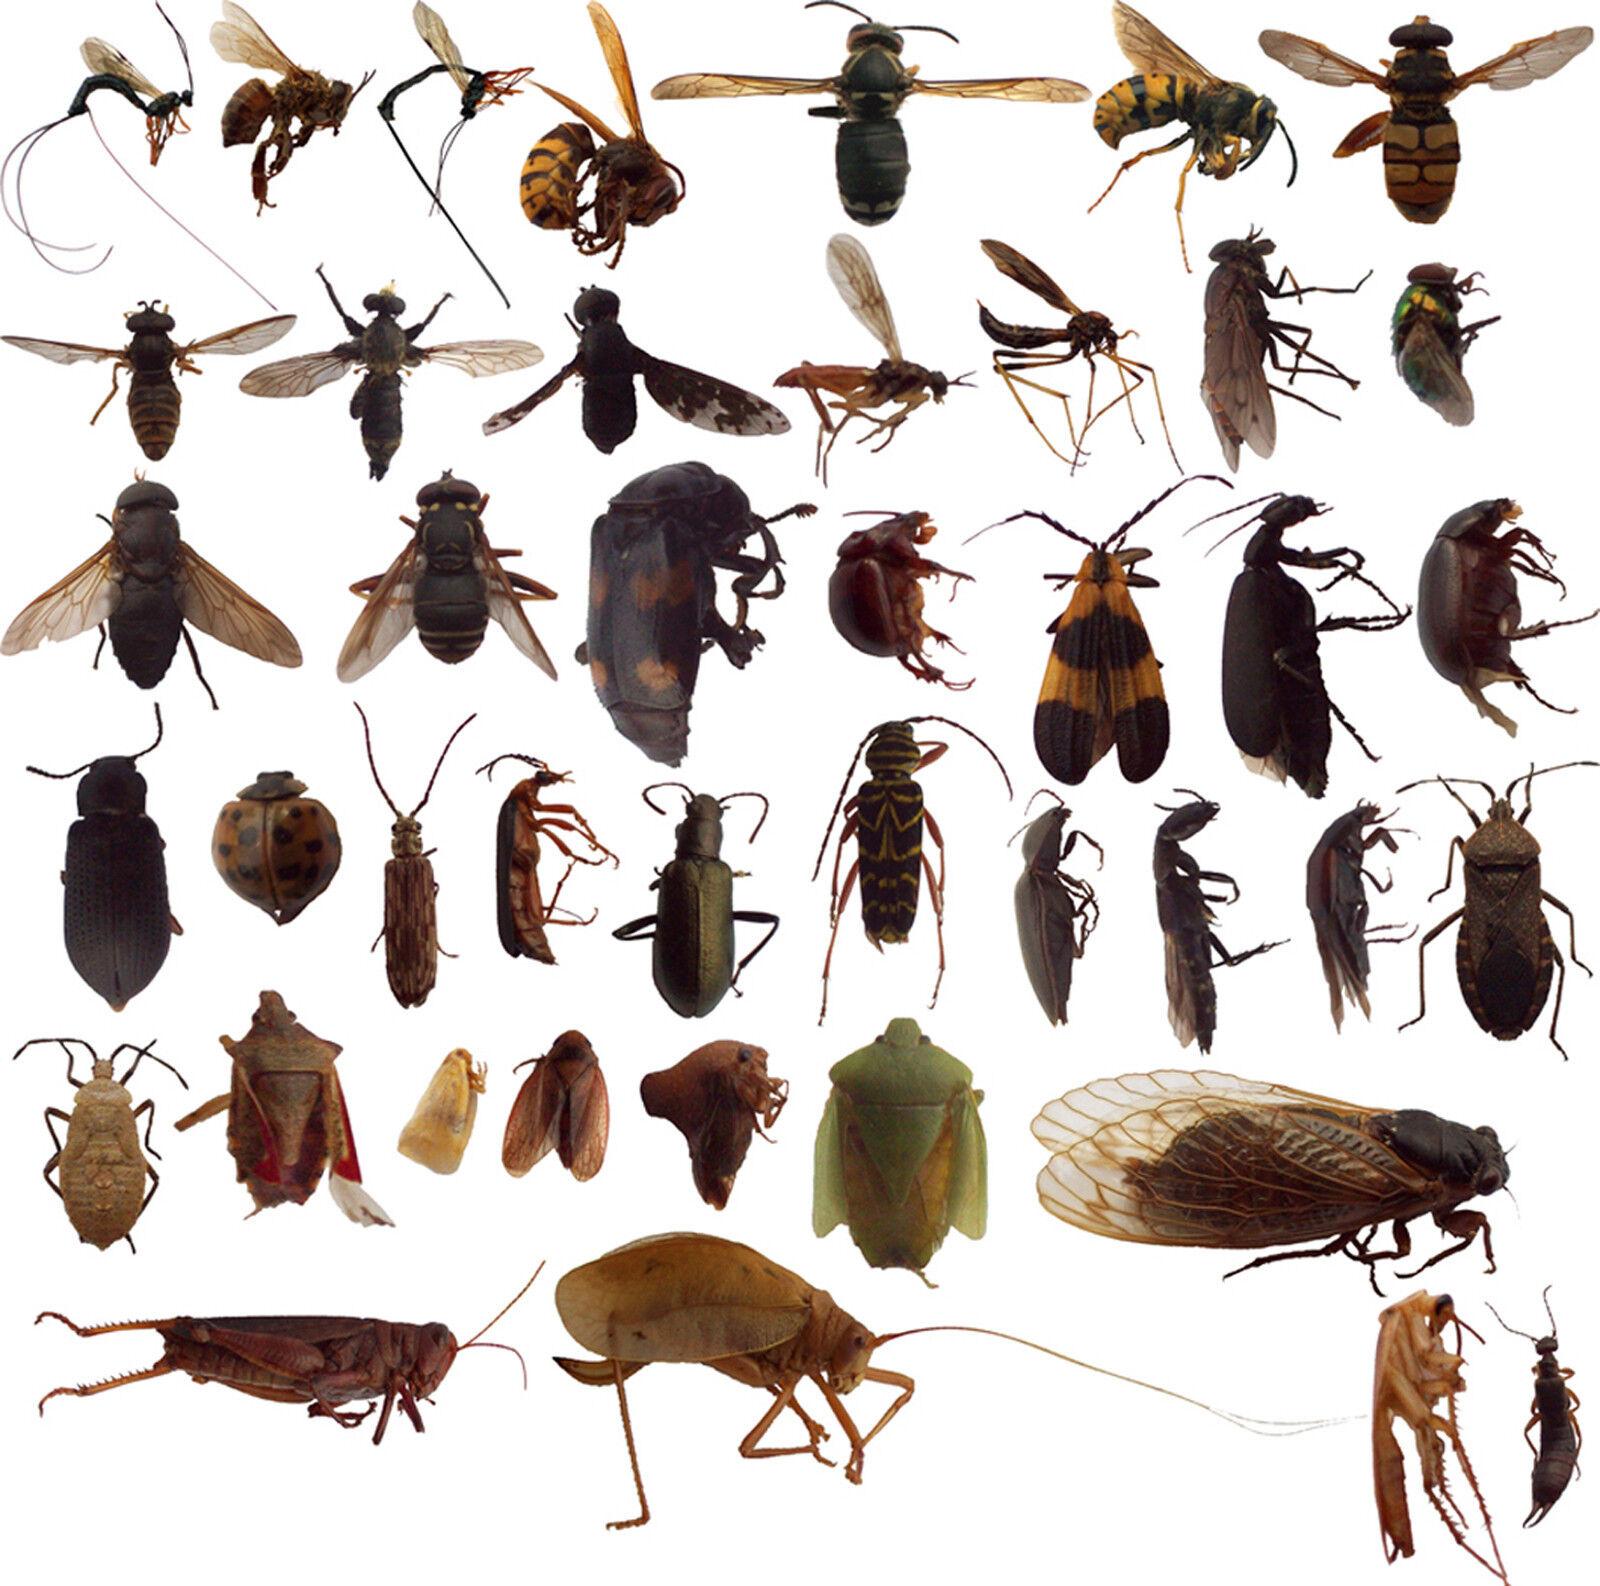 картинки много насекомых на одном листе например, его